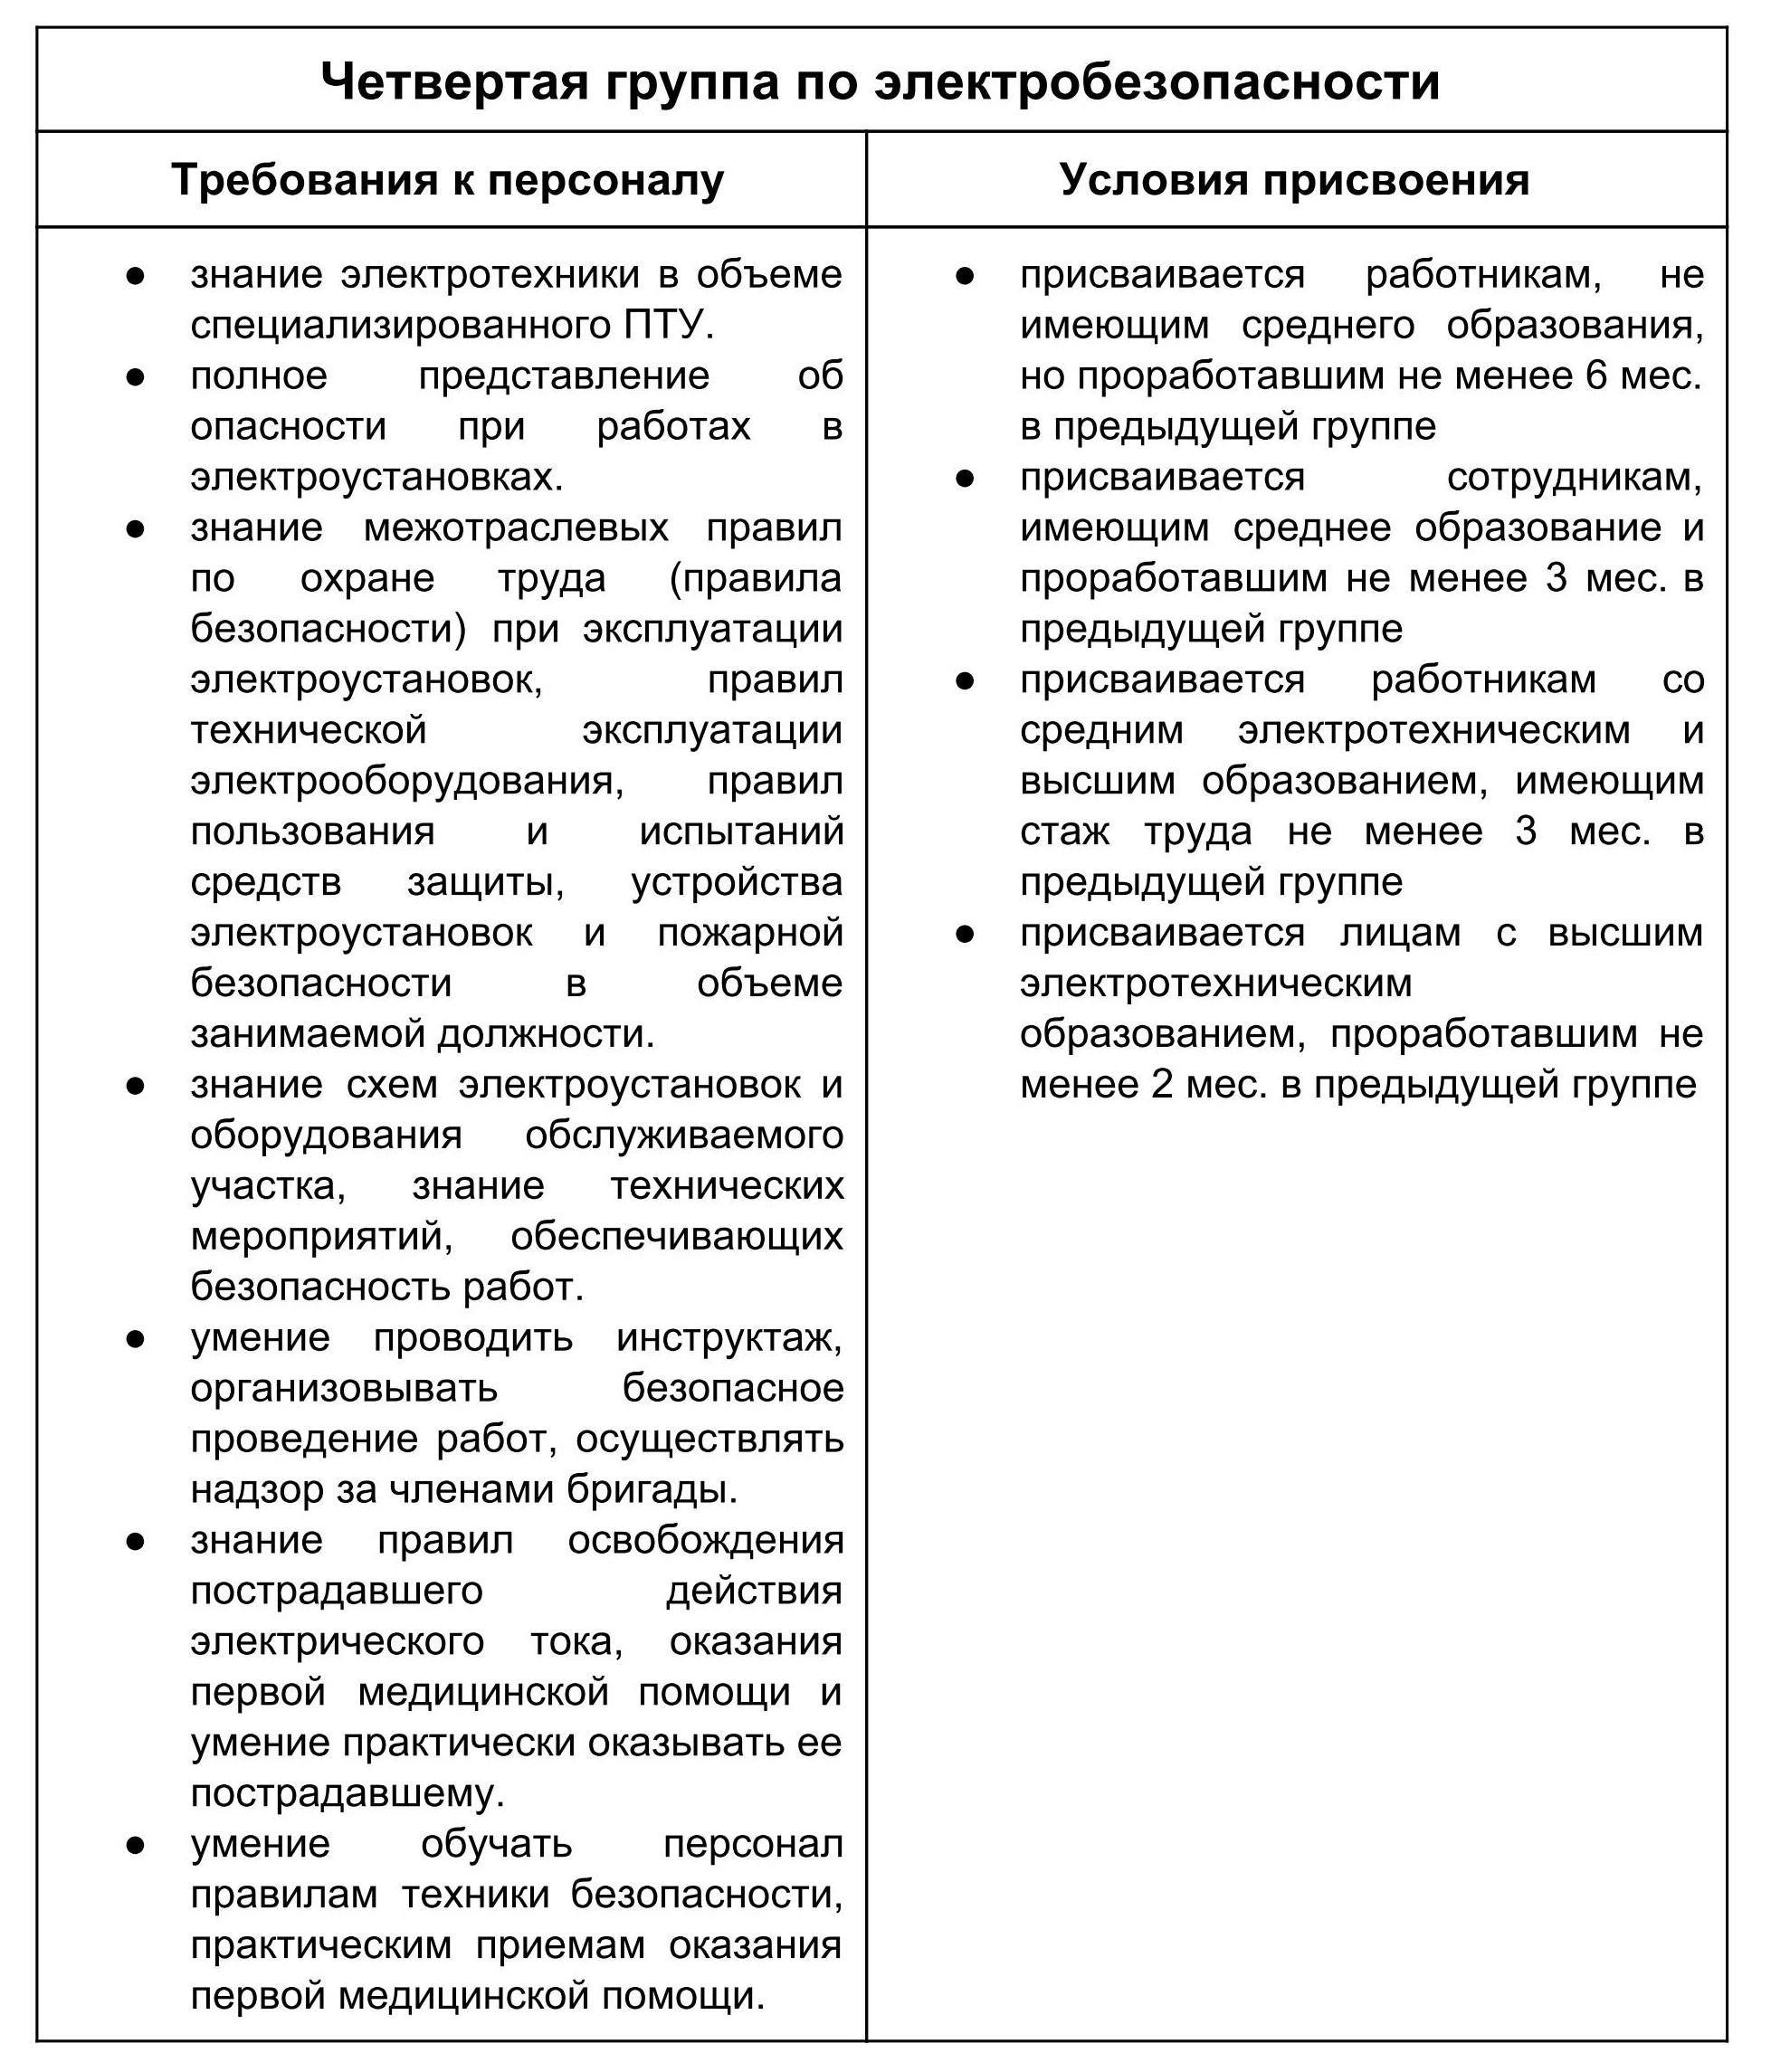 Инструкция по электробезопасности для электросварщиков